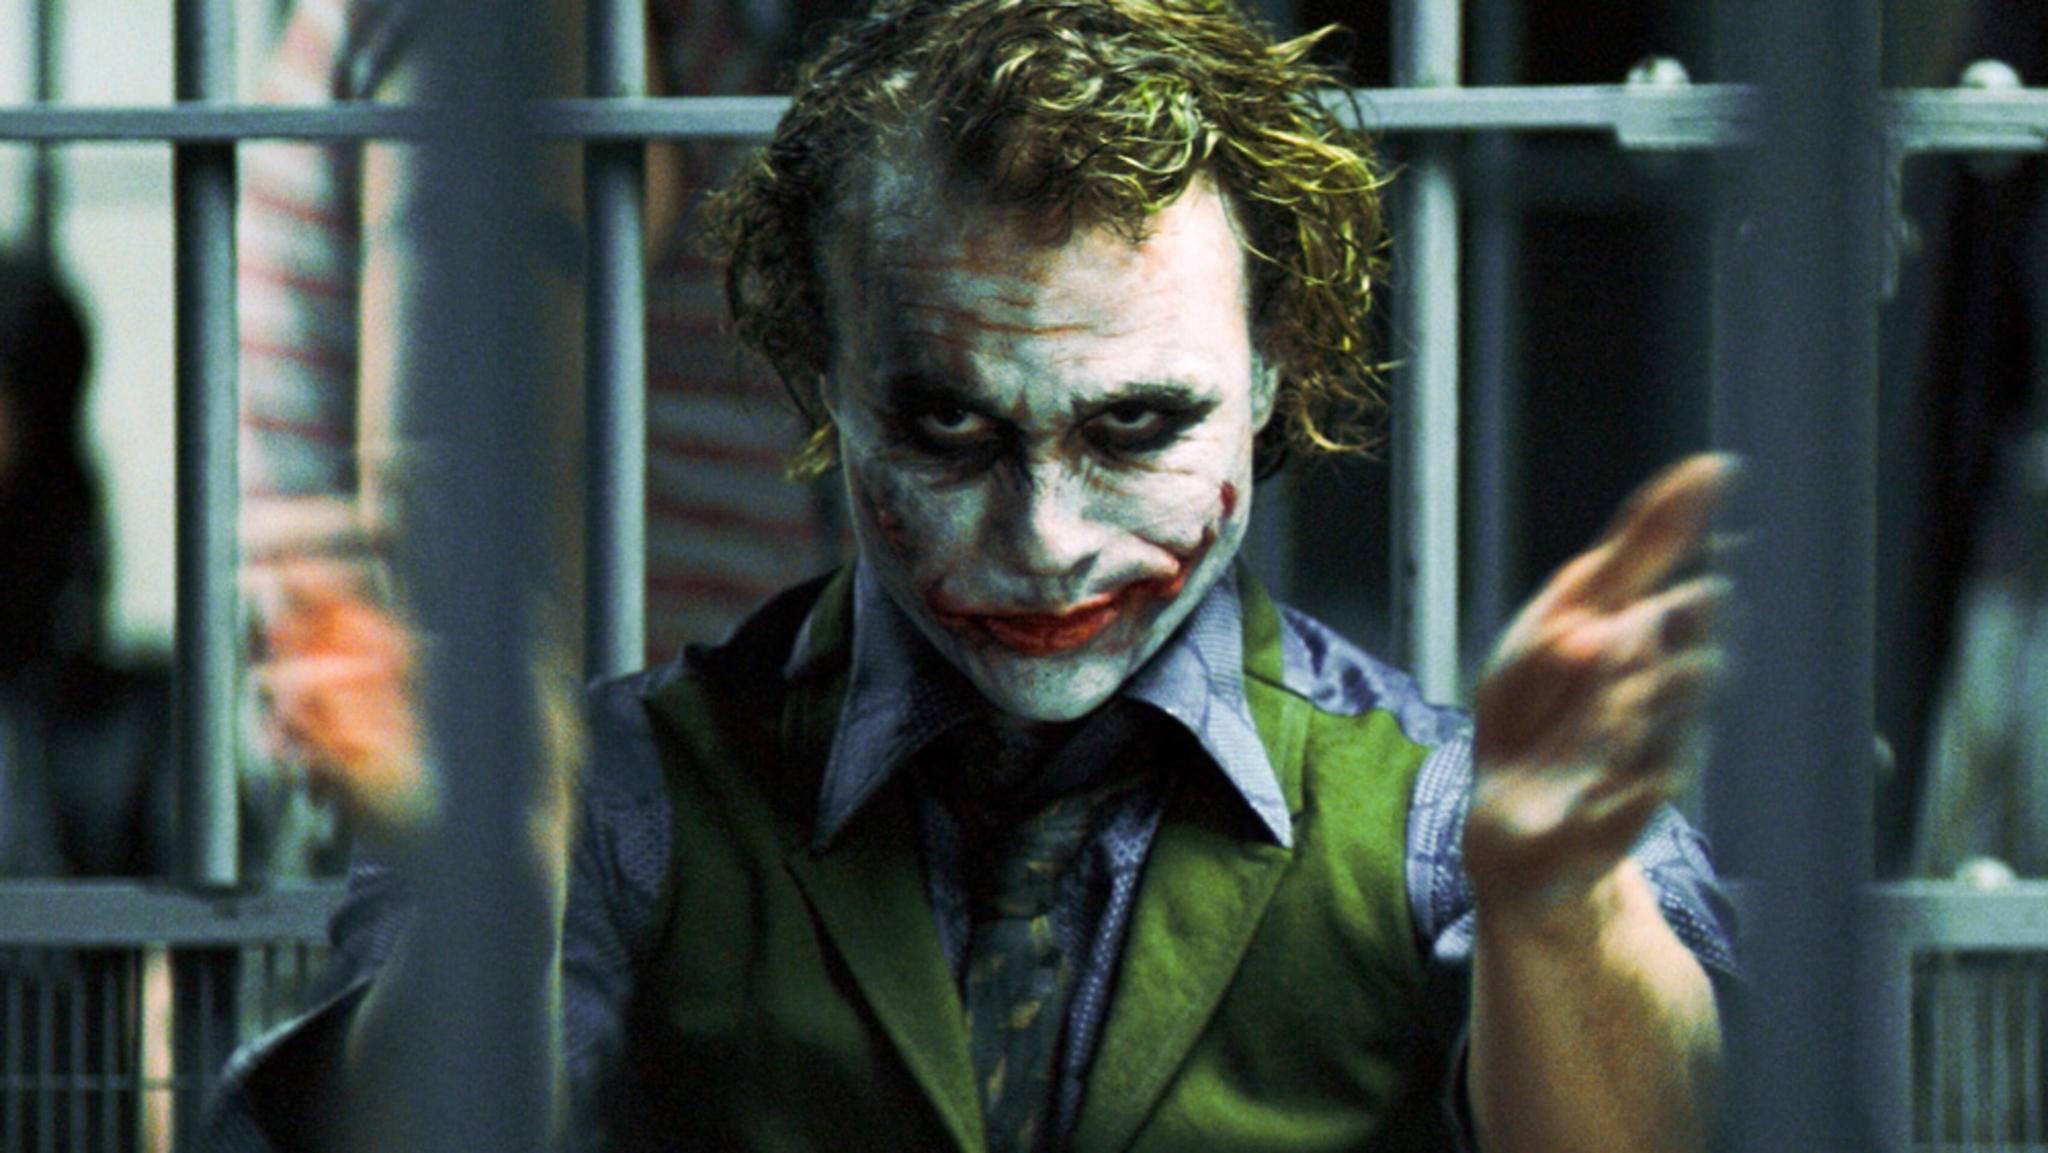 Der Joker ist ohne Zweifel der wandelnde Inbegriff des Wahnsinns.